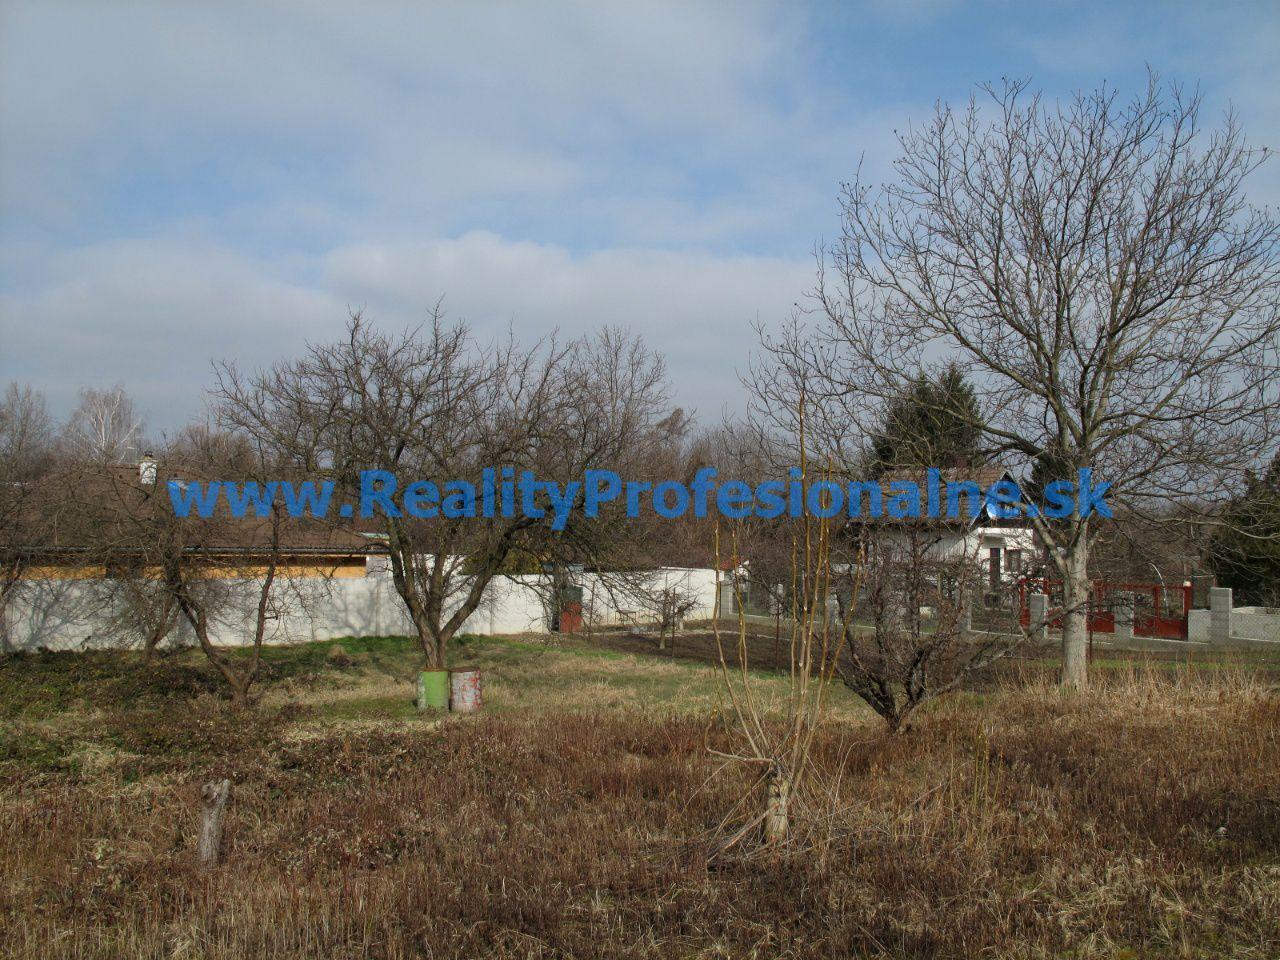 PREDANÉ ZA 54 DNÍ: Pozemok 818 m2 na predaj v Ivanke pri Dunaji je určený na priestranný rodinný dom alebo dvojdom